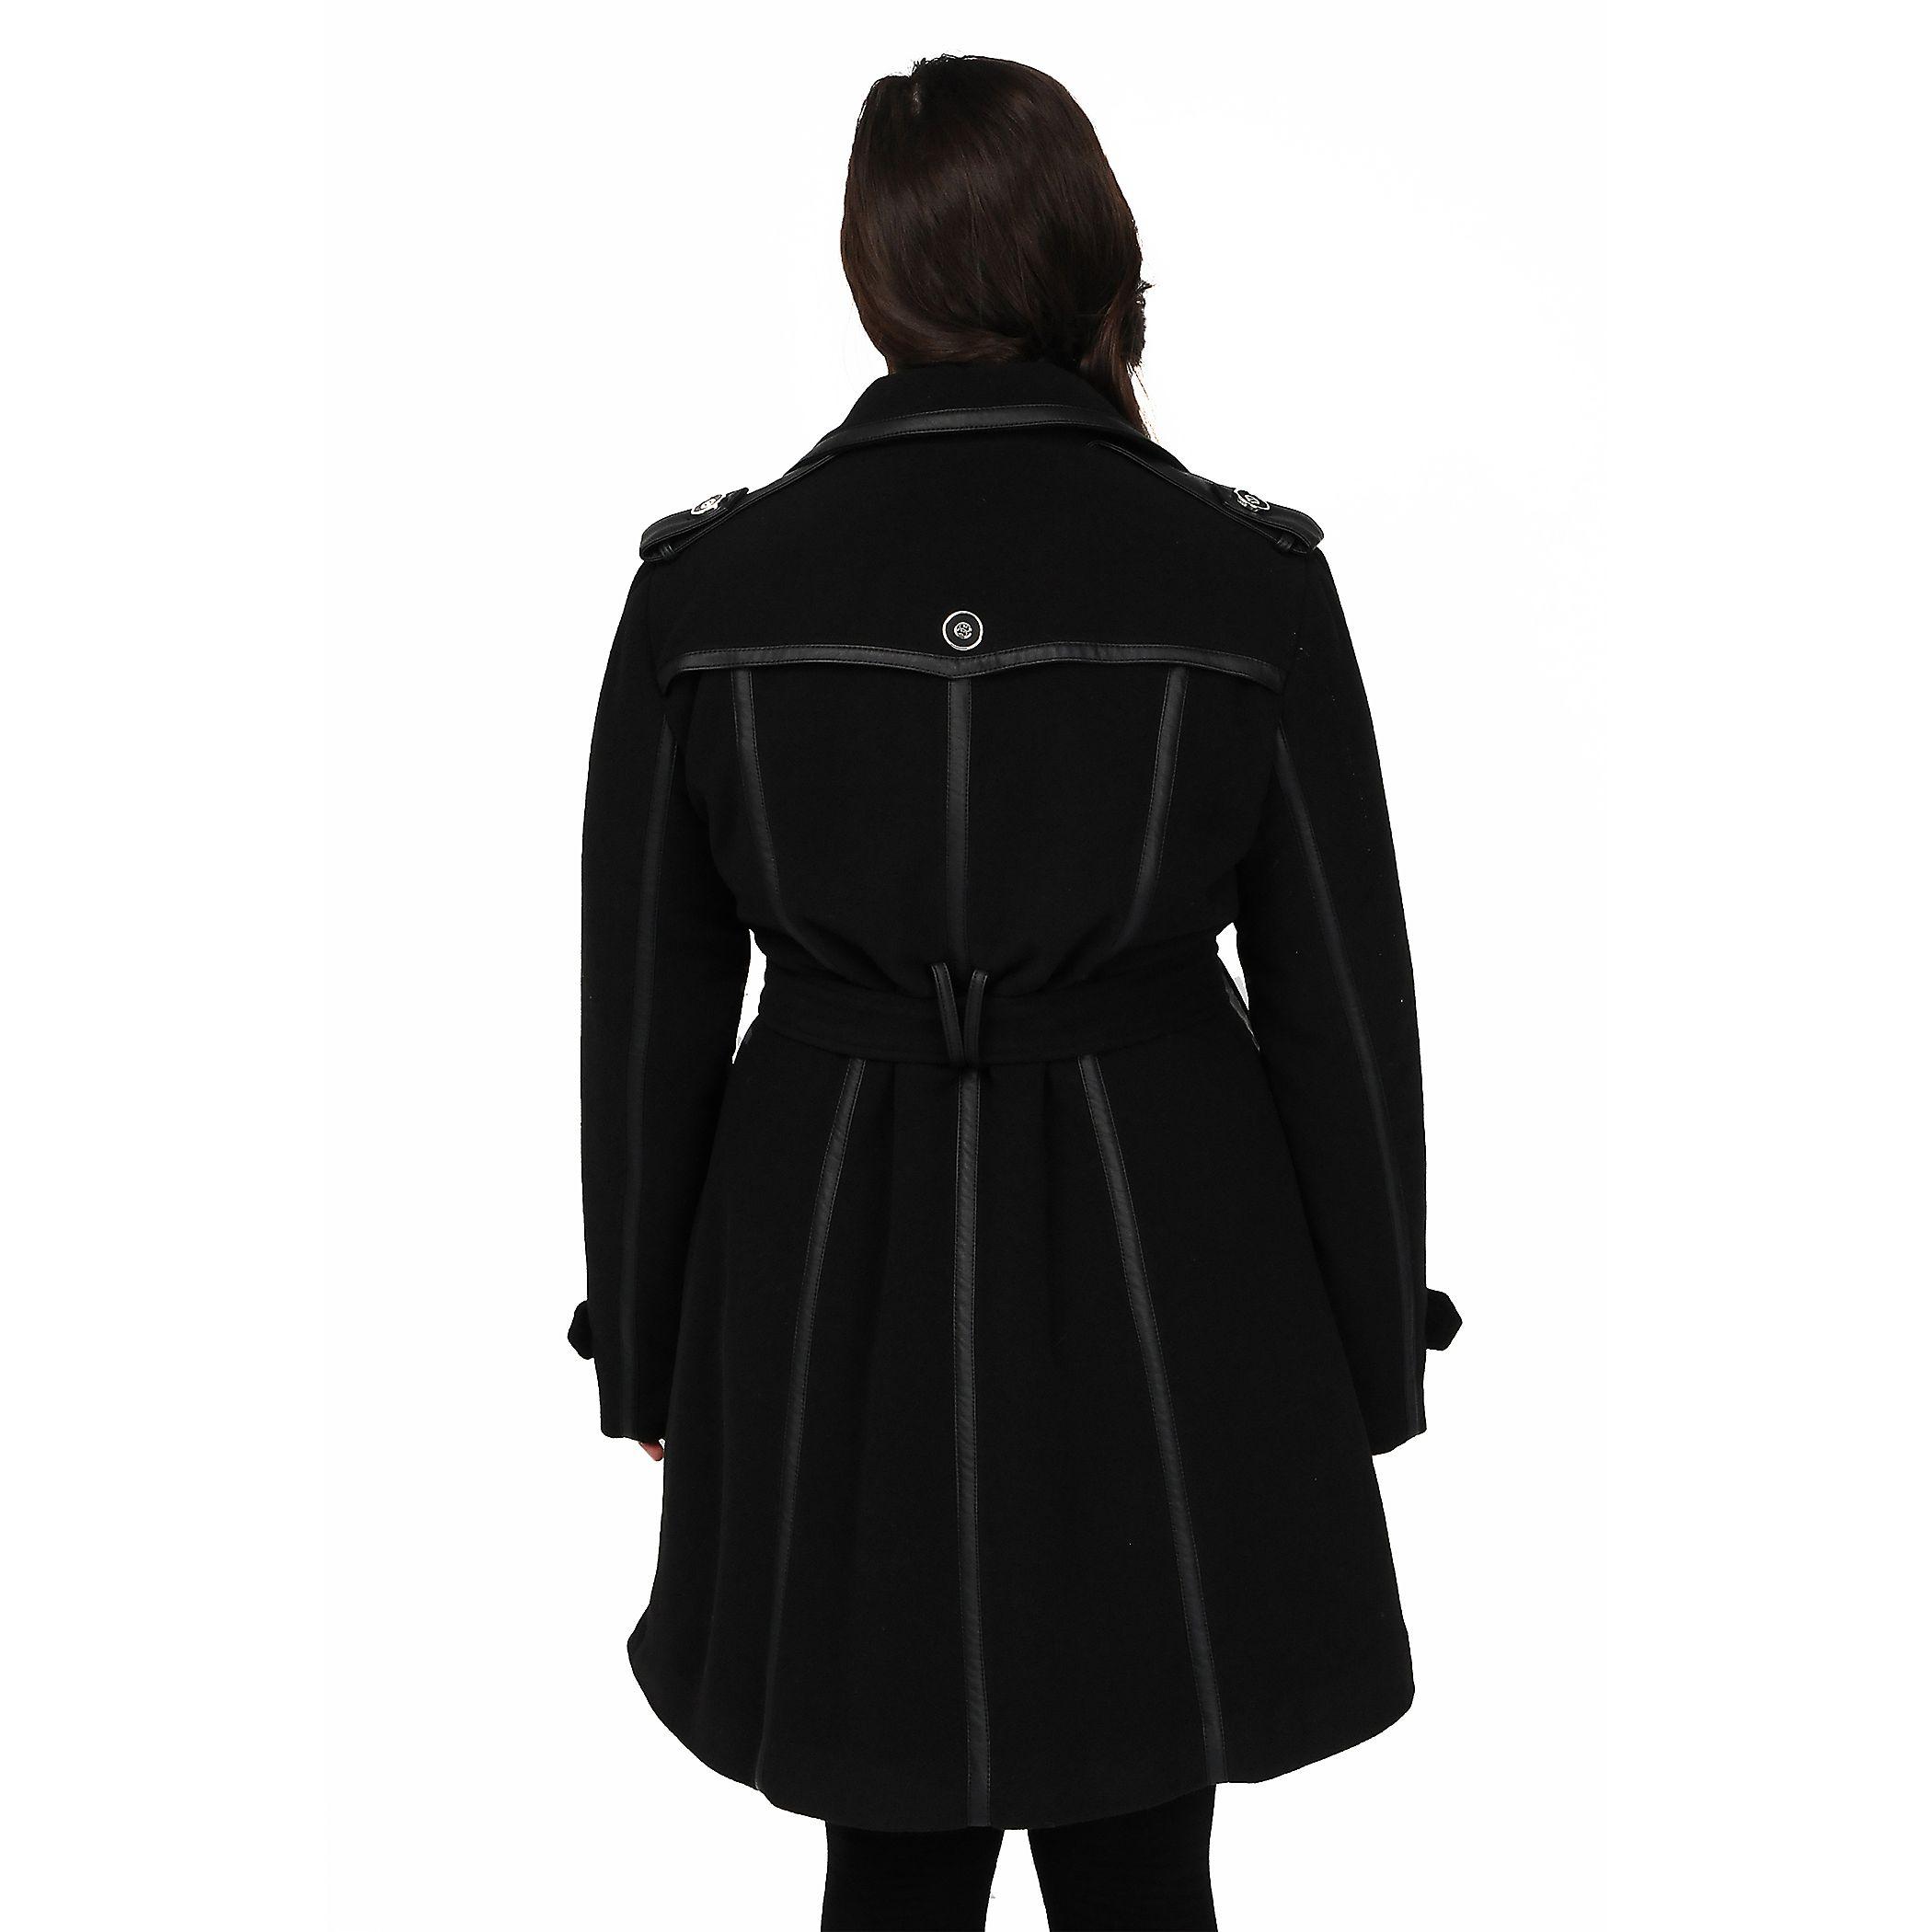 087aafd60 Womens Trench Coats | Kohl's